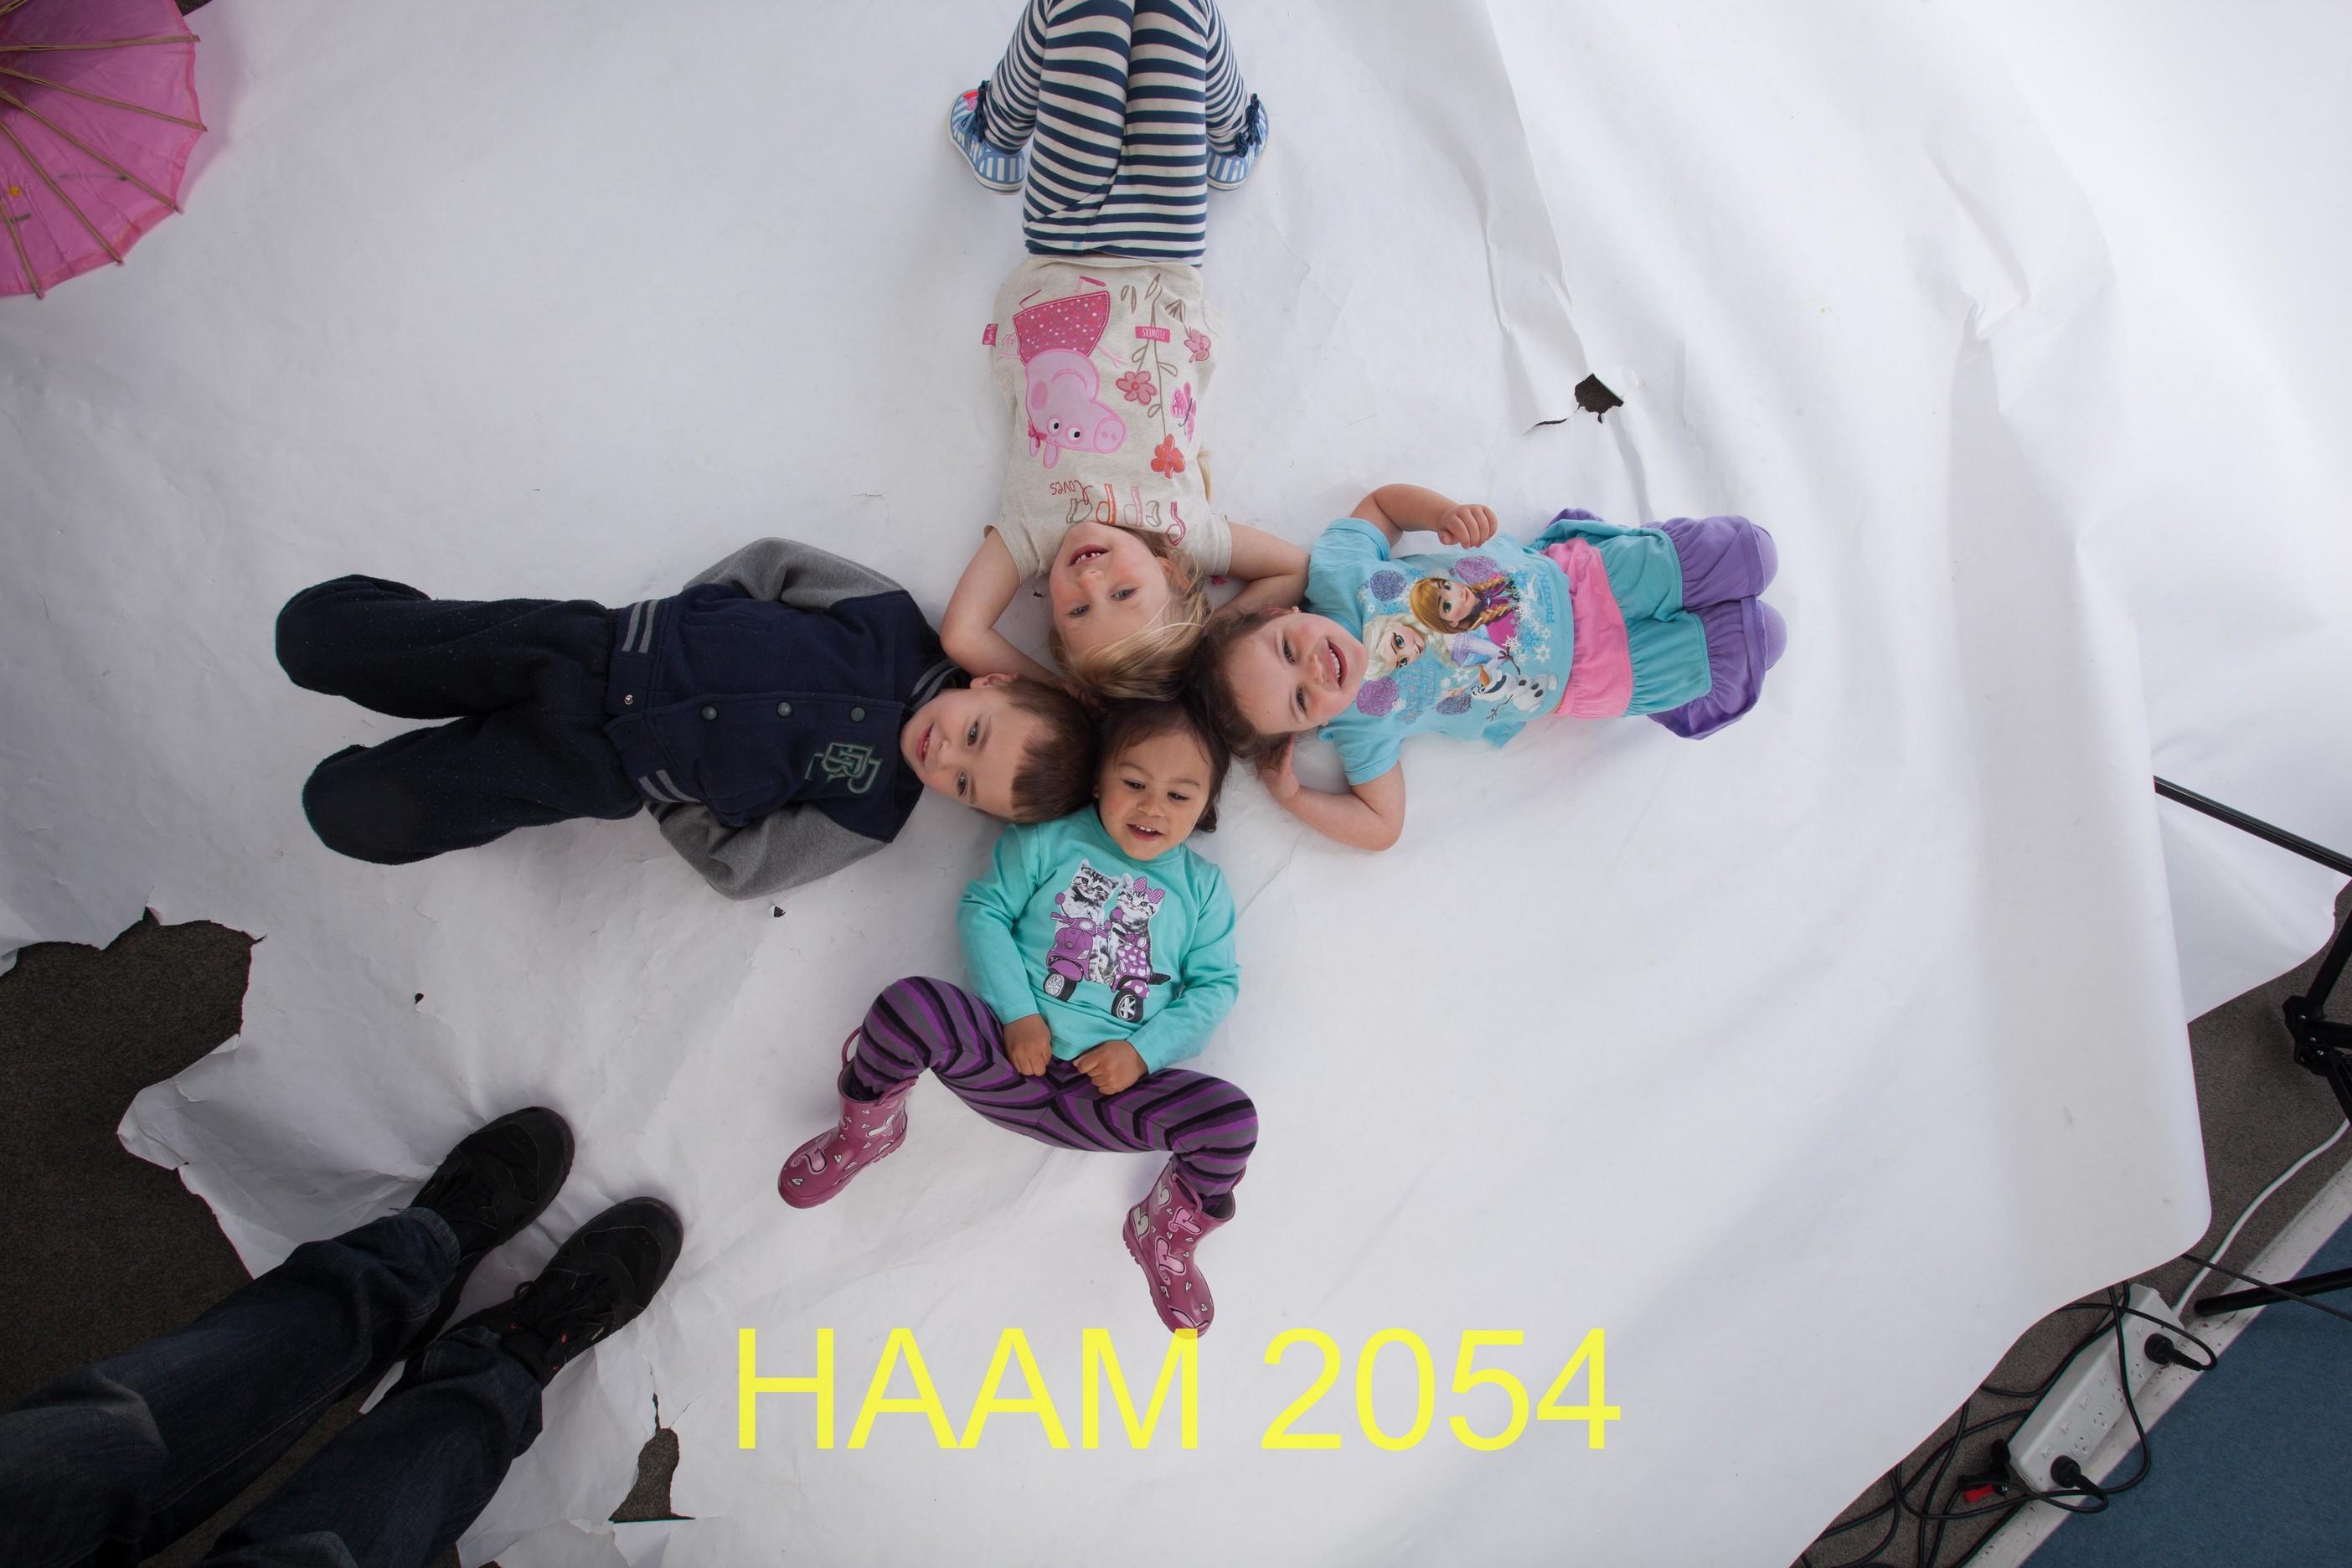 HAAM 2054